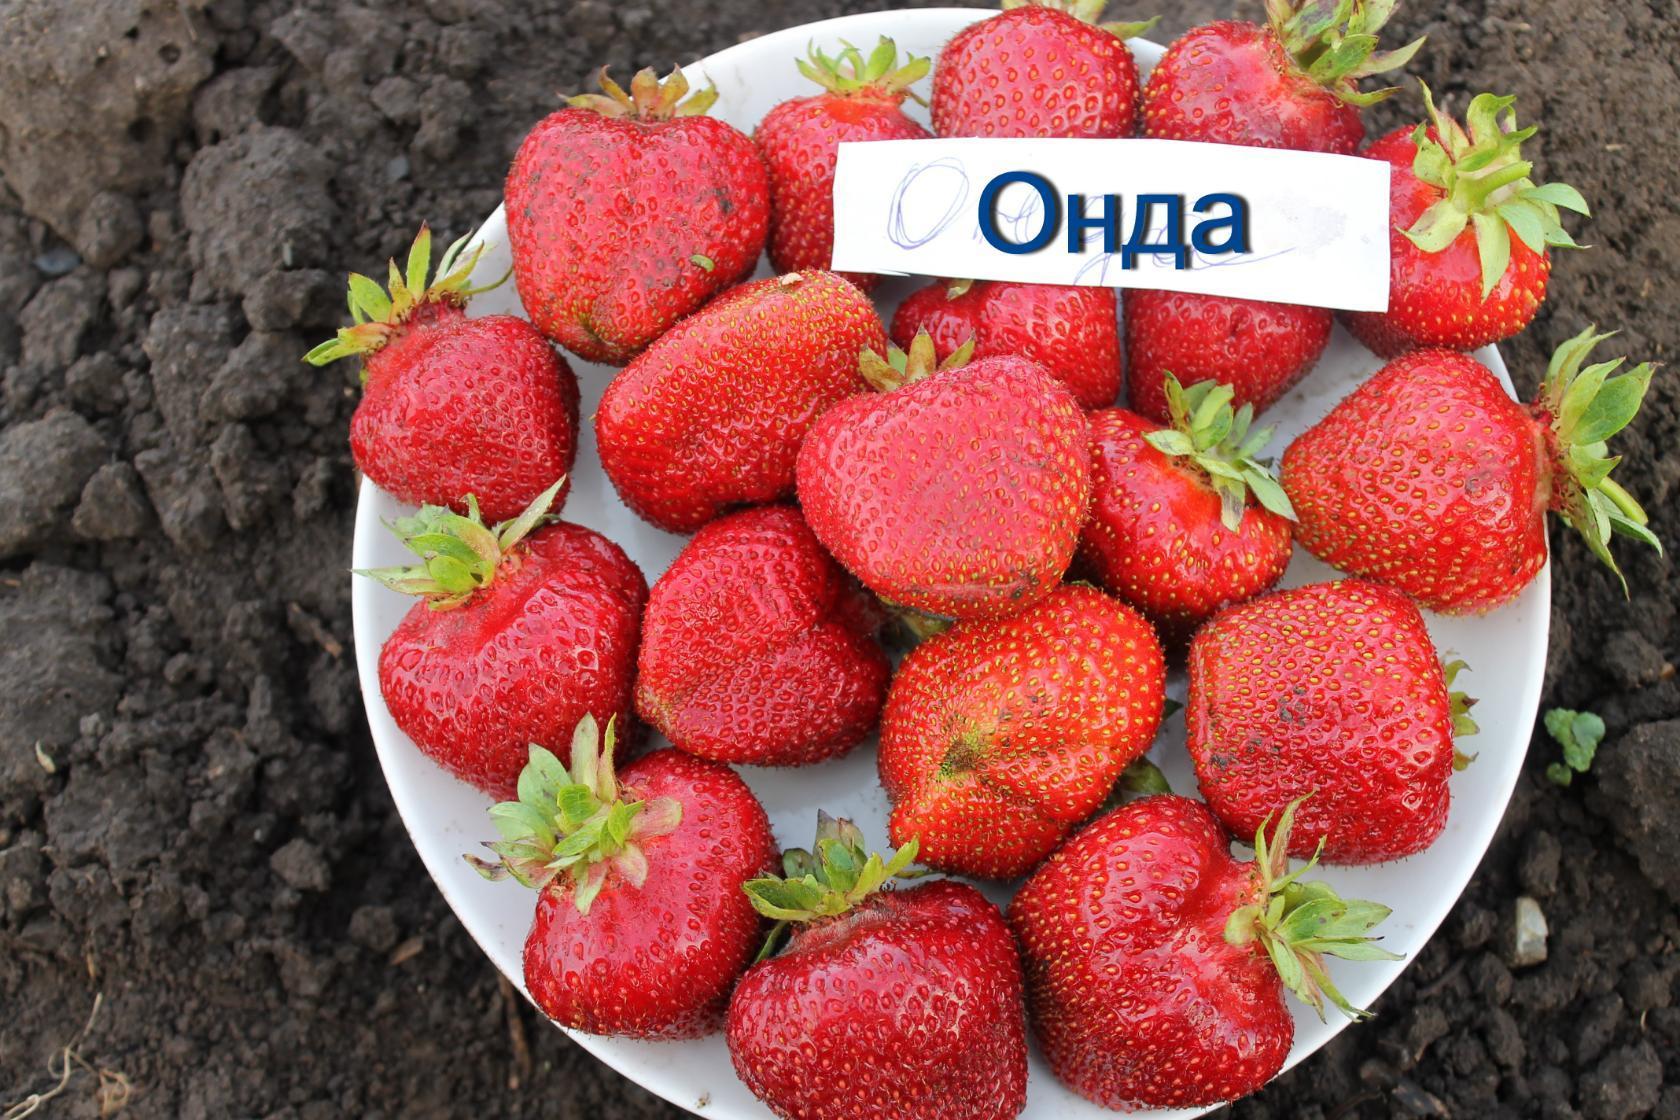 клубника Онда фото